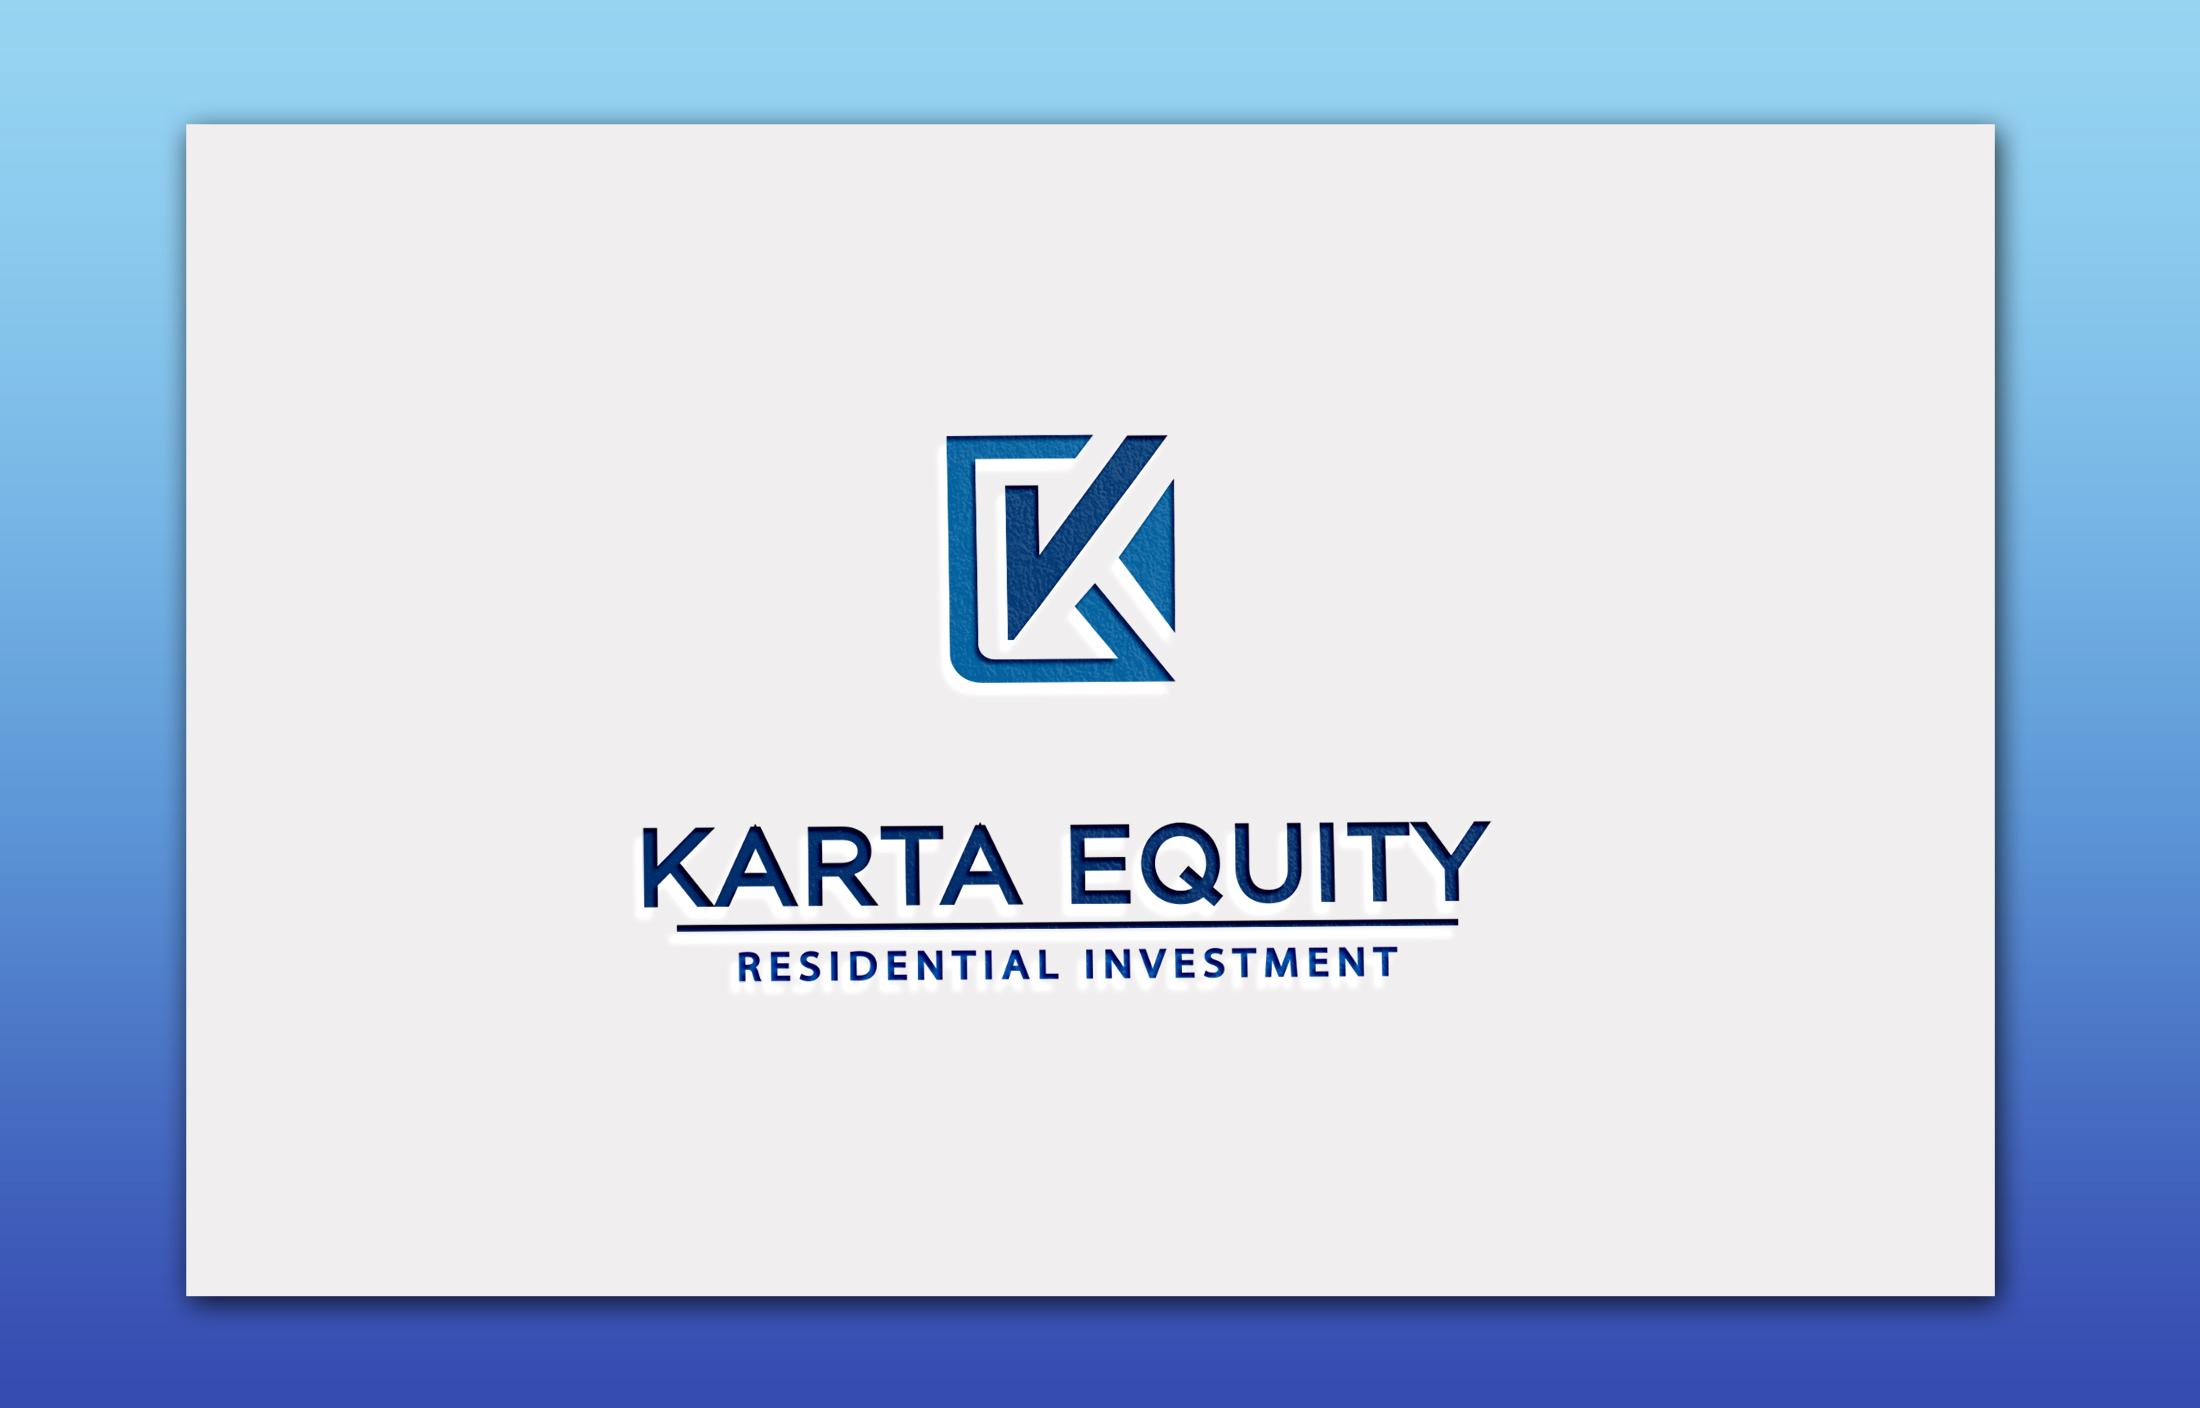 Логотип для компании инвестироваюшей в жилую недвижимость фото f_9265e1750553f1a1.jpg